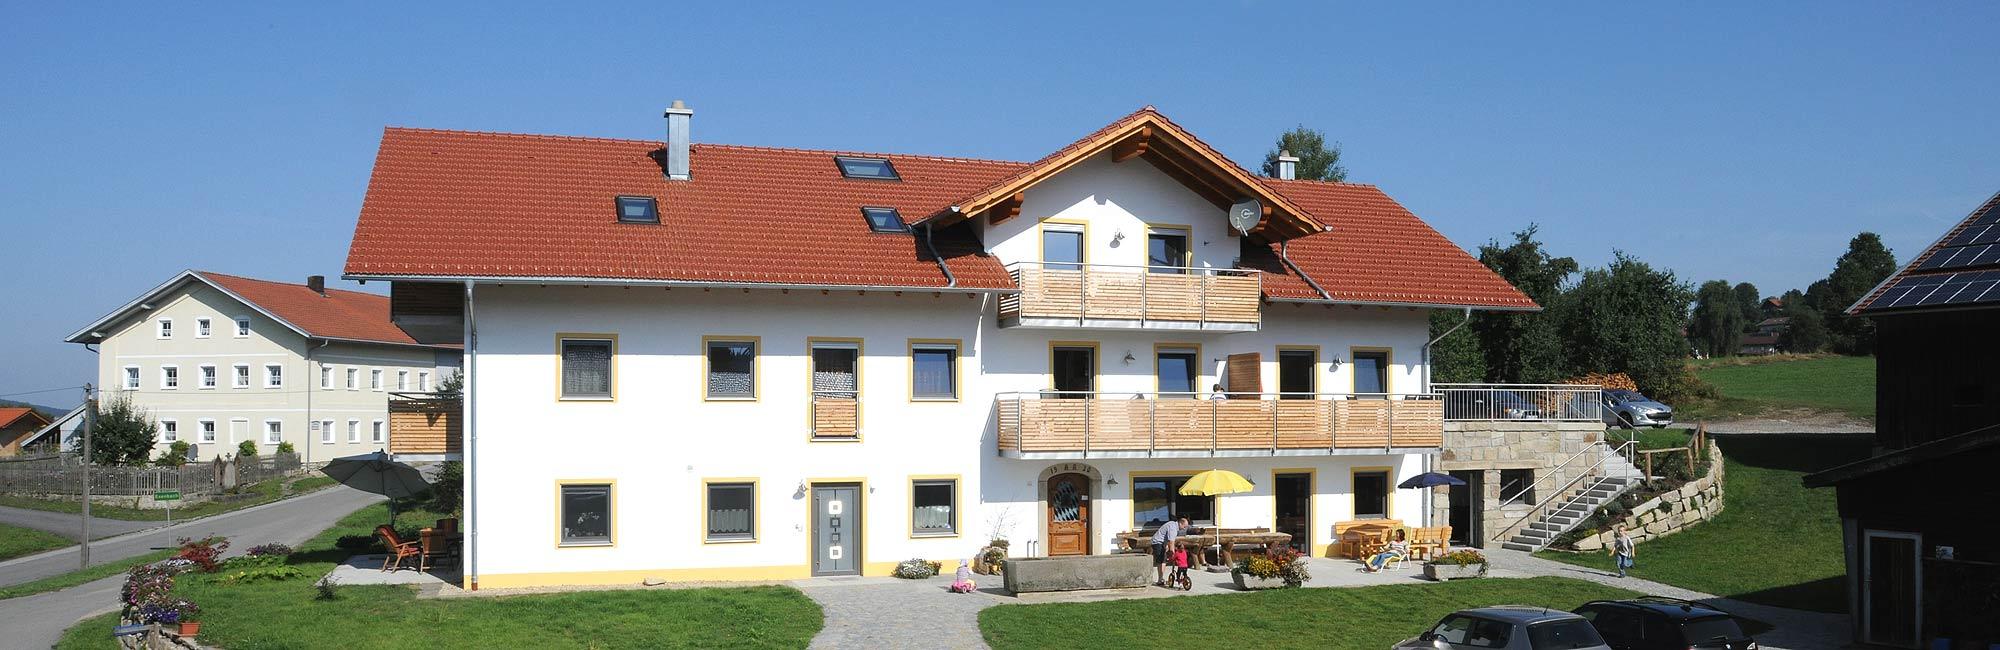 exenbacher_ueberblendung_05.jpg